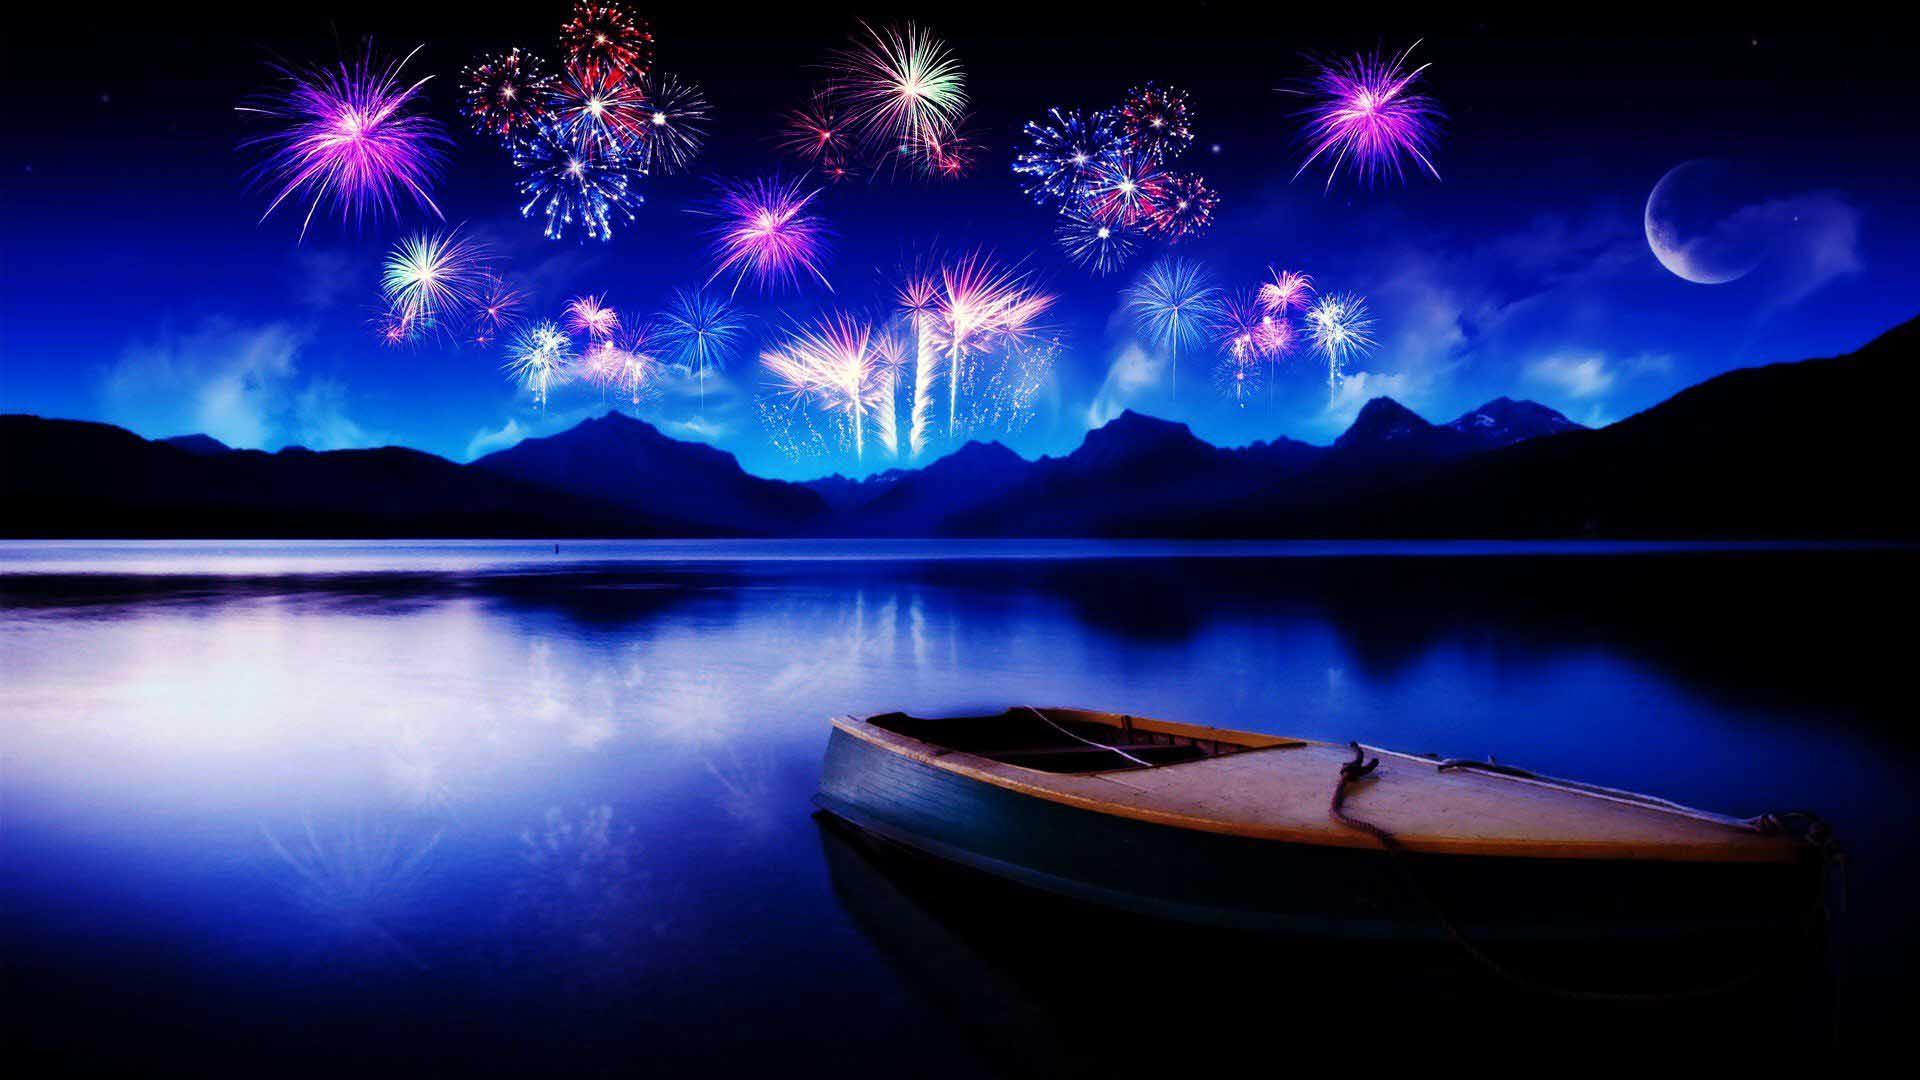 new years eve desktop wallpaper 1920x1080